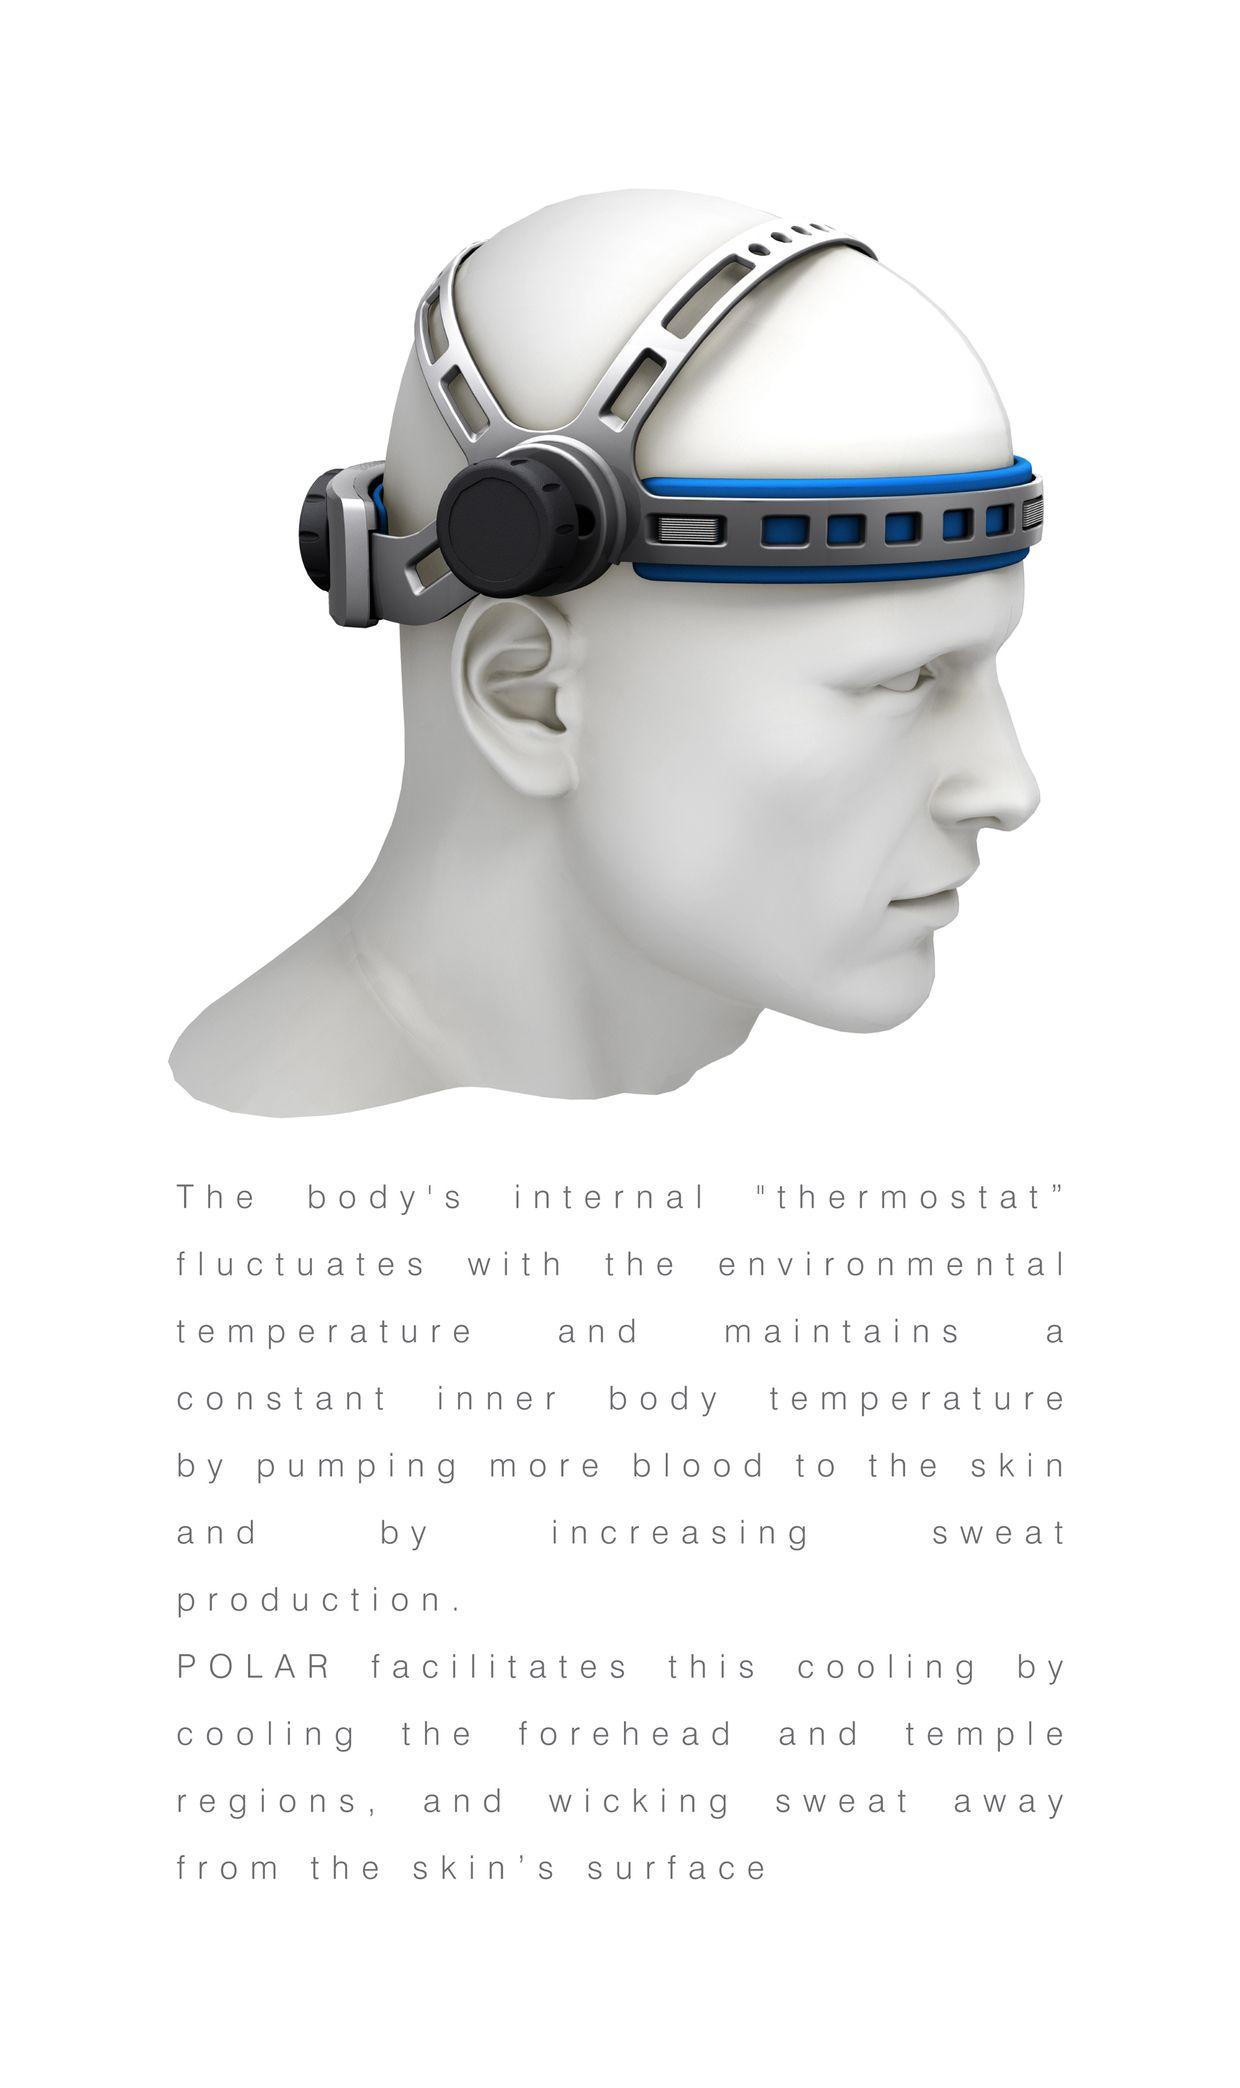 Polar Welding Helmet Cooling System Welding Helmet Welding Cool Items